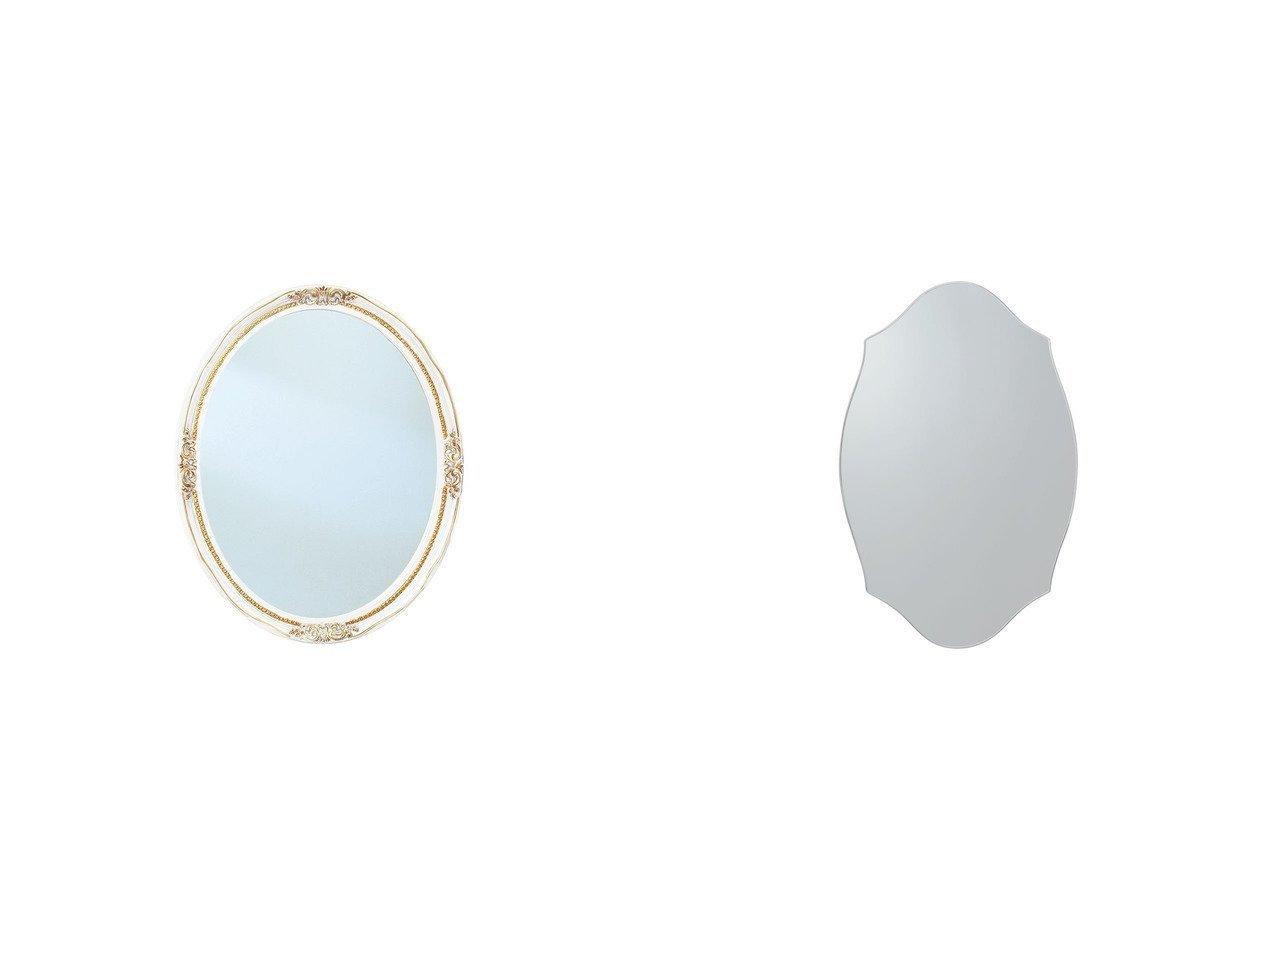 【FLYMEe Blanc/フライミー ブラン】のウォールミラー m7710&ウォールミラー m77285 【FURNITURE】おすすめ!人気、インテリア雑貨・家具の通販 おすすめで人気の流行・トレンド、ファッションの通販商品 インテリア・家具・メンズファッション・キッズファッション・レディースファッション・服の通販 founy(ファニー) https://founy.com/ 送料無料 Free Shipping アンティーク エレガント クラシカル ハンド フレーム ホーム・キャンプ・アウトドア Home,Garden,Outdoor,Camping Gear 家具・インテリア Furniture ミラー・ドレッサー Mirror ミラー・鏡 ホーム・キャンプ・アウトドア Home,Garden,Outdoor,Camping Gear 家具・インテリア Furniture ミラー・ドレッサー Mirror ドレッサー  ID:crp329100000055496